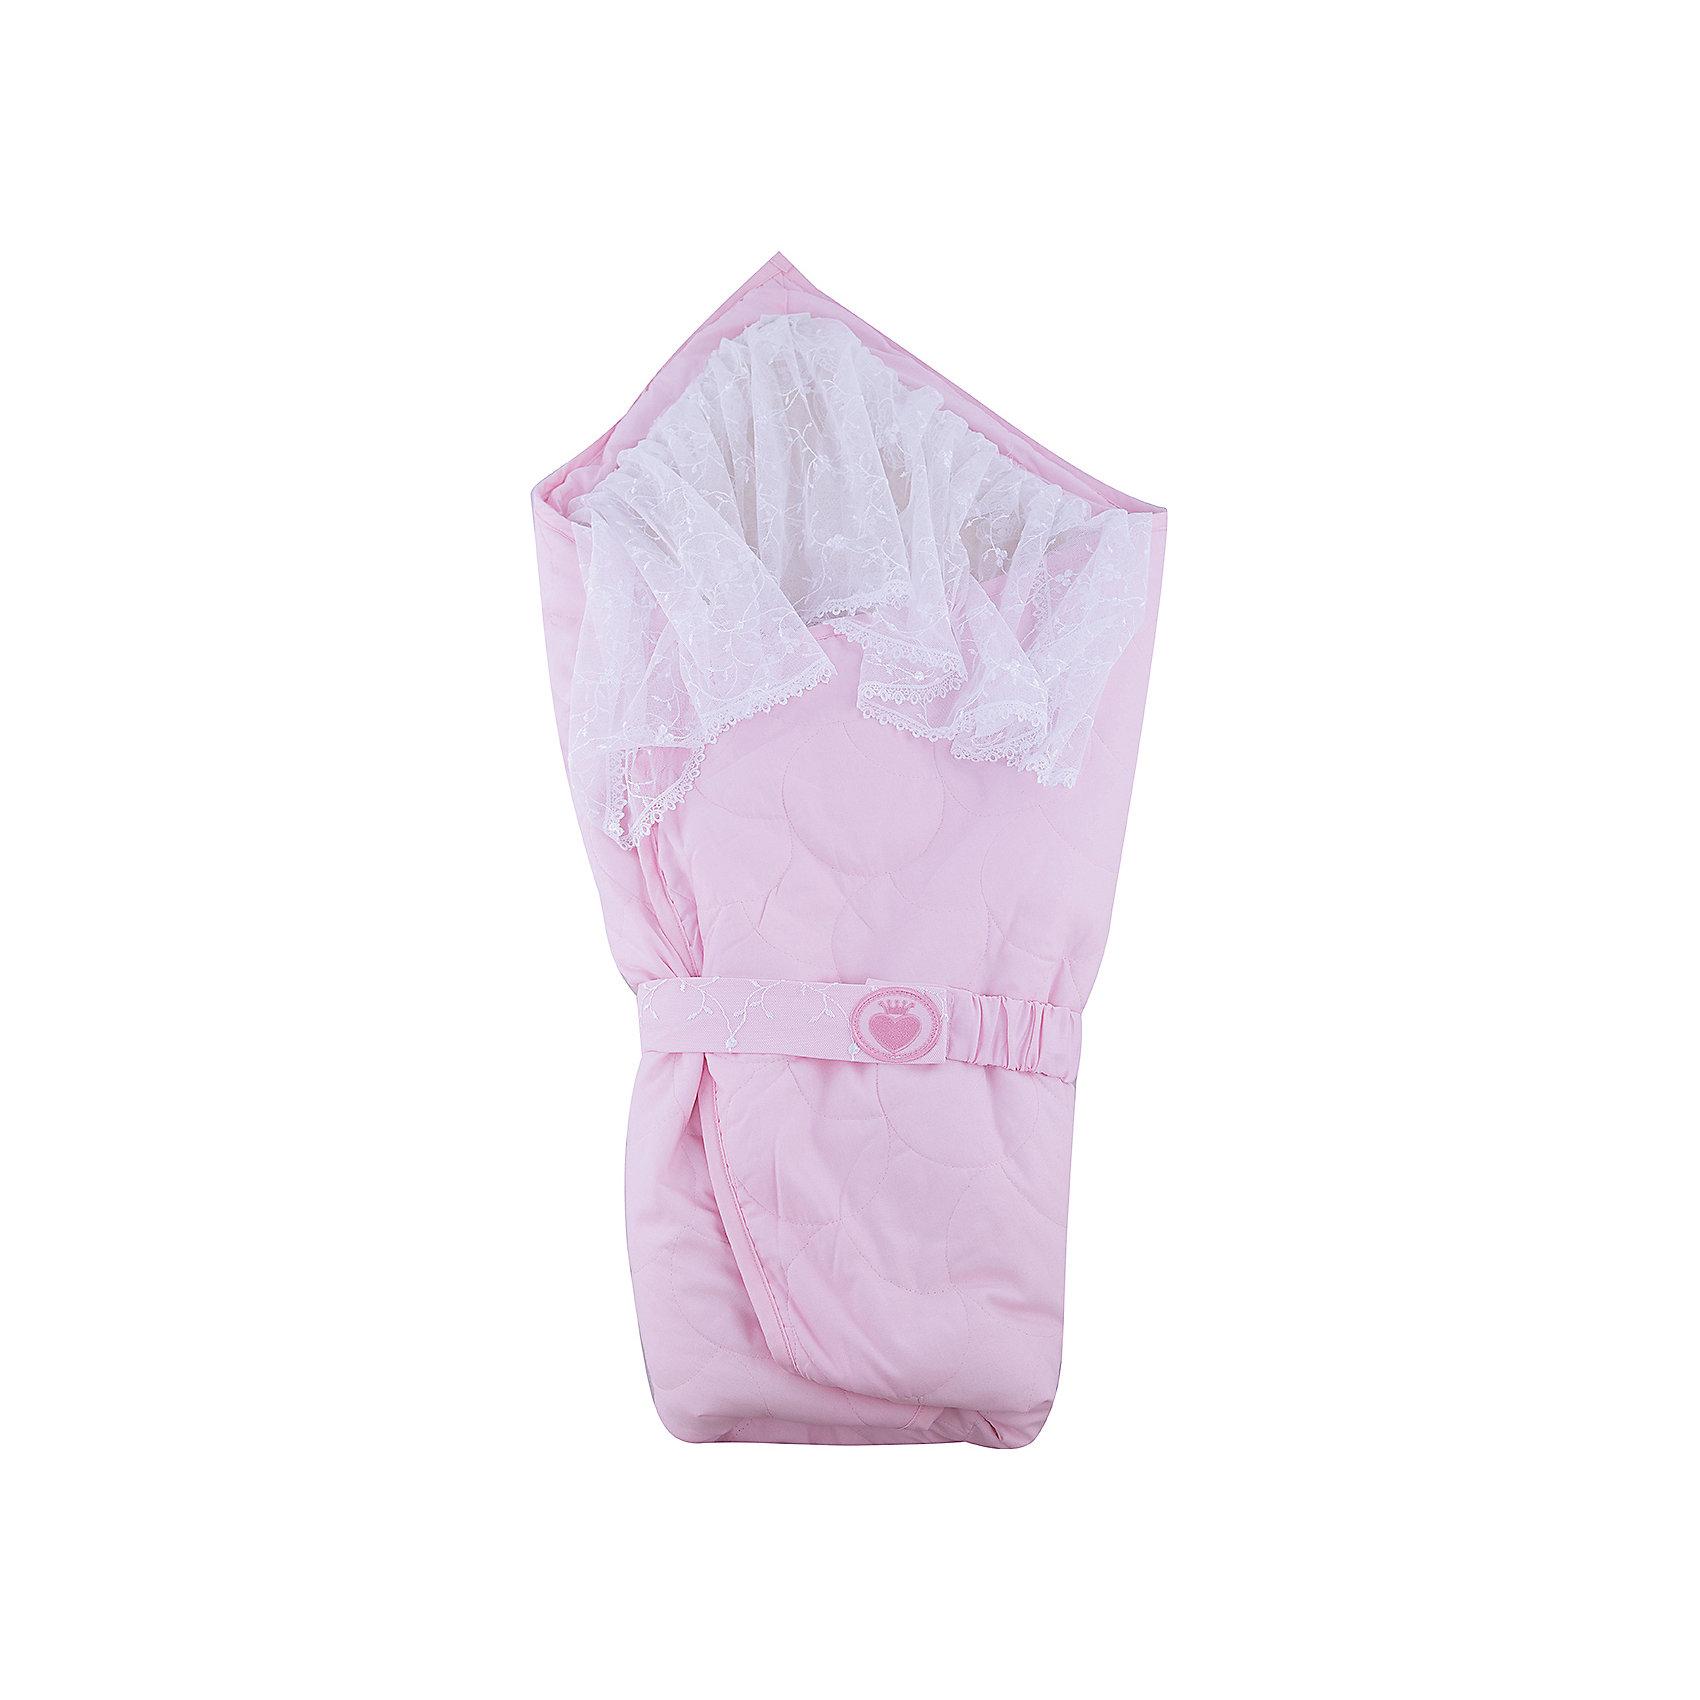 Одеяло-конверт Зимушка, Сонный гномик, розовый